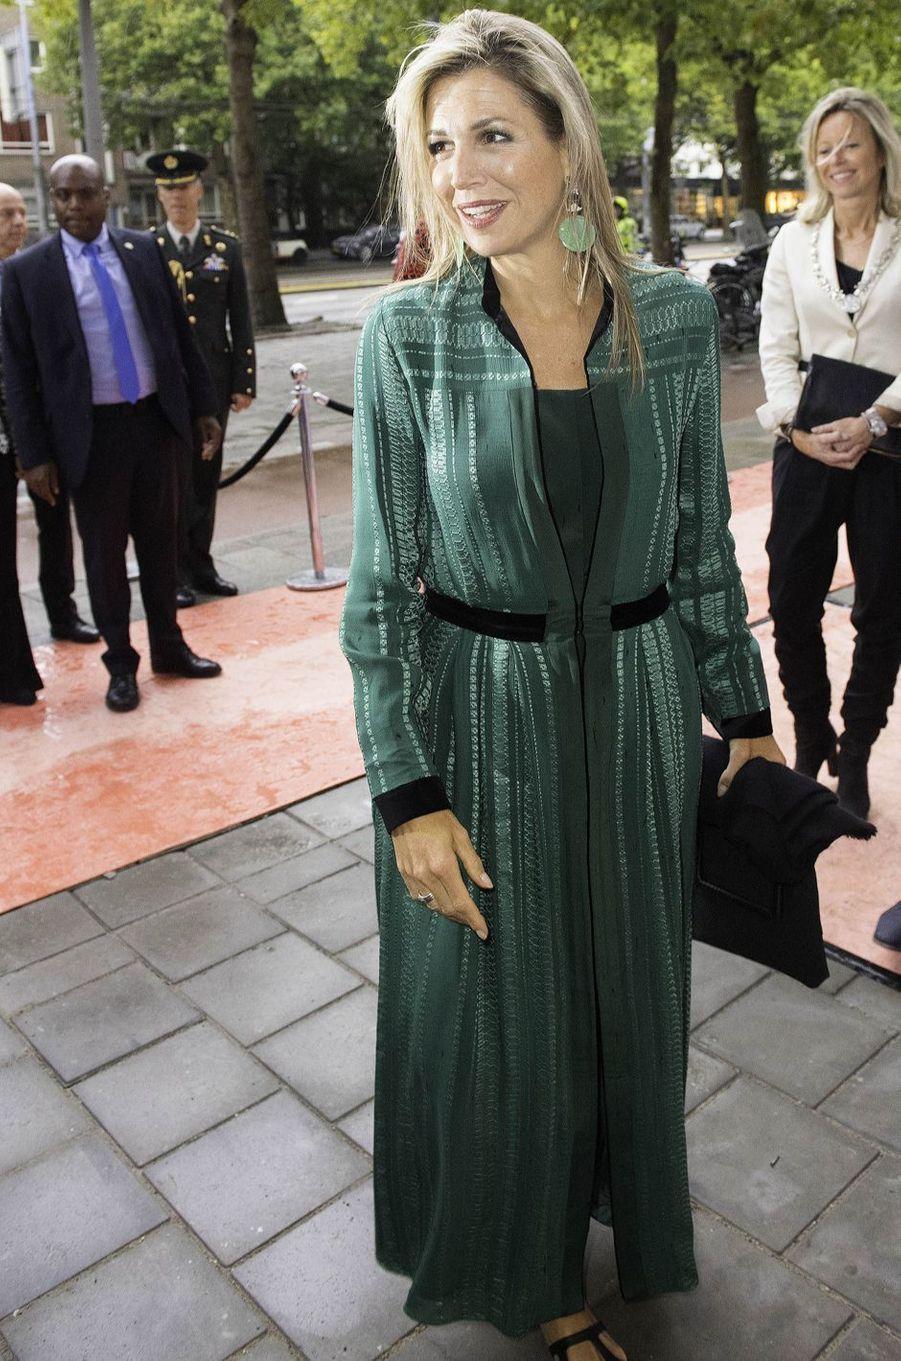 La reine Maxima des Pays-Bas dans une robe Zeus + Dione à Amsterdam, le 11 septembre 2017